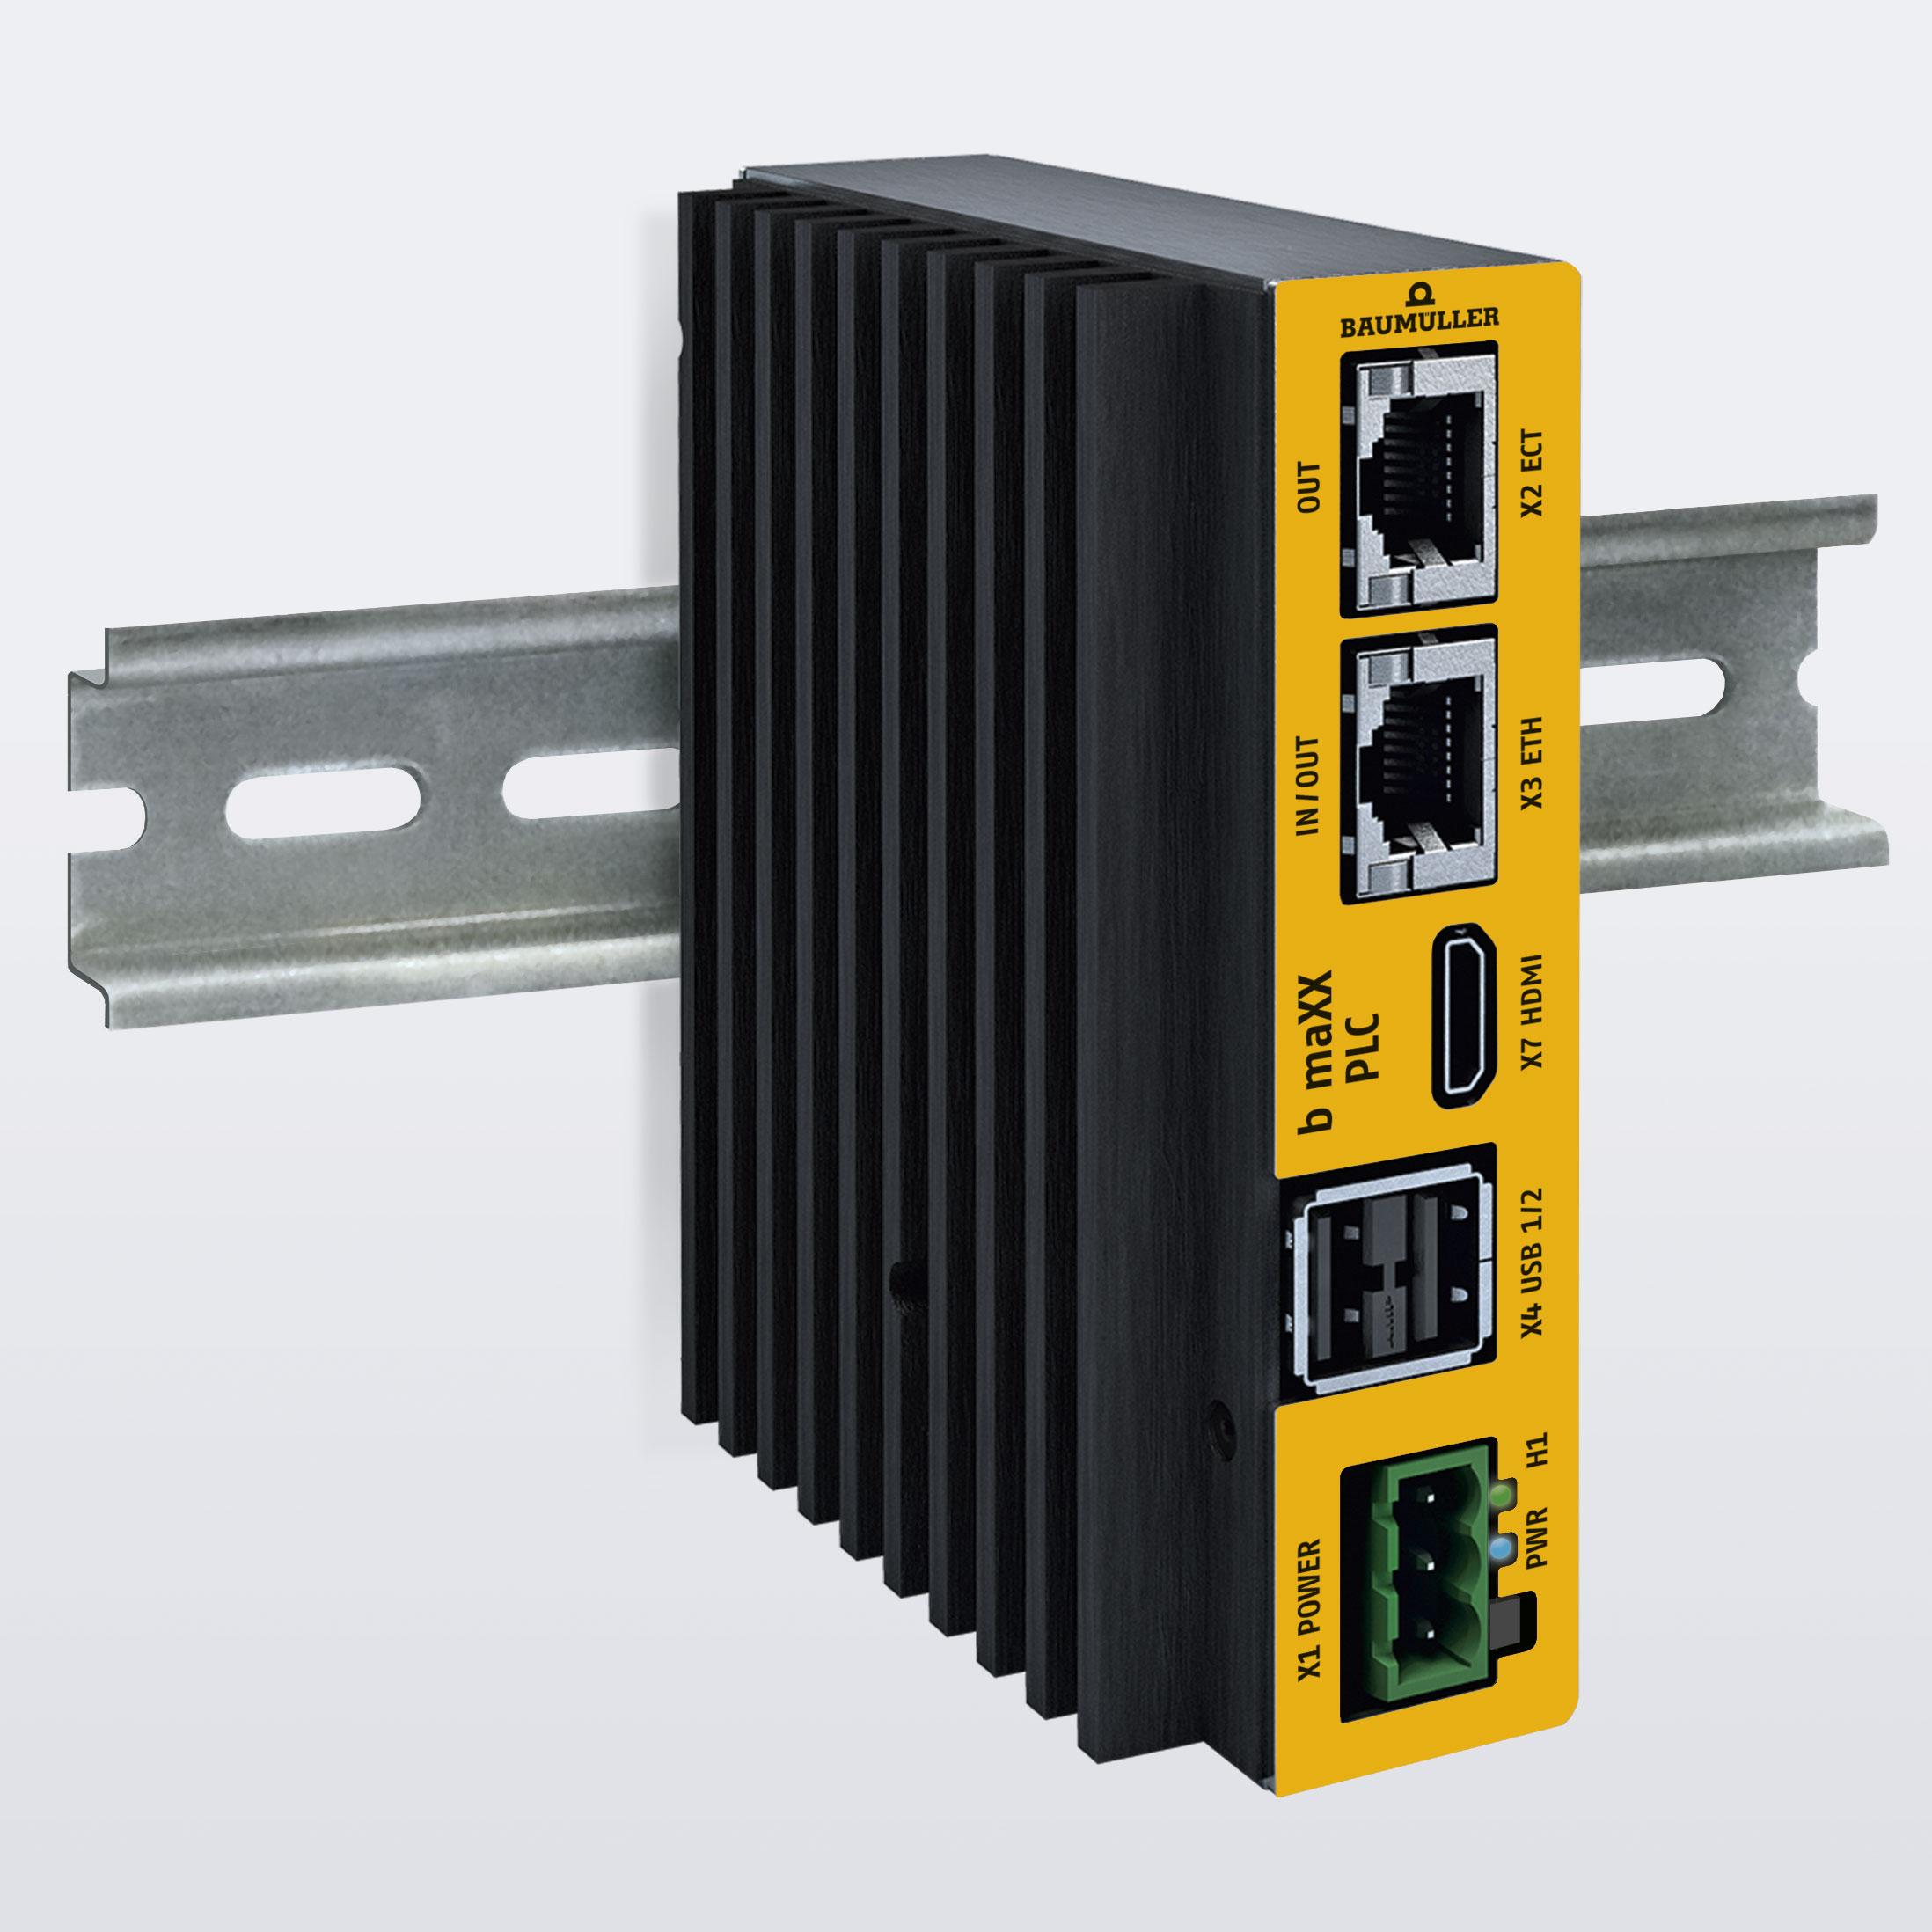 Neue Baumüller-Steuerung kombiniert SPS und IPC